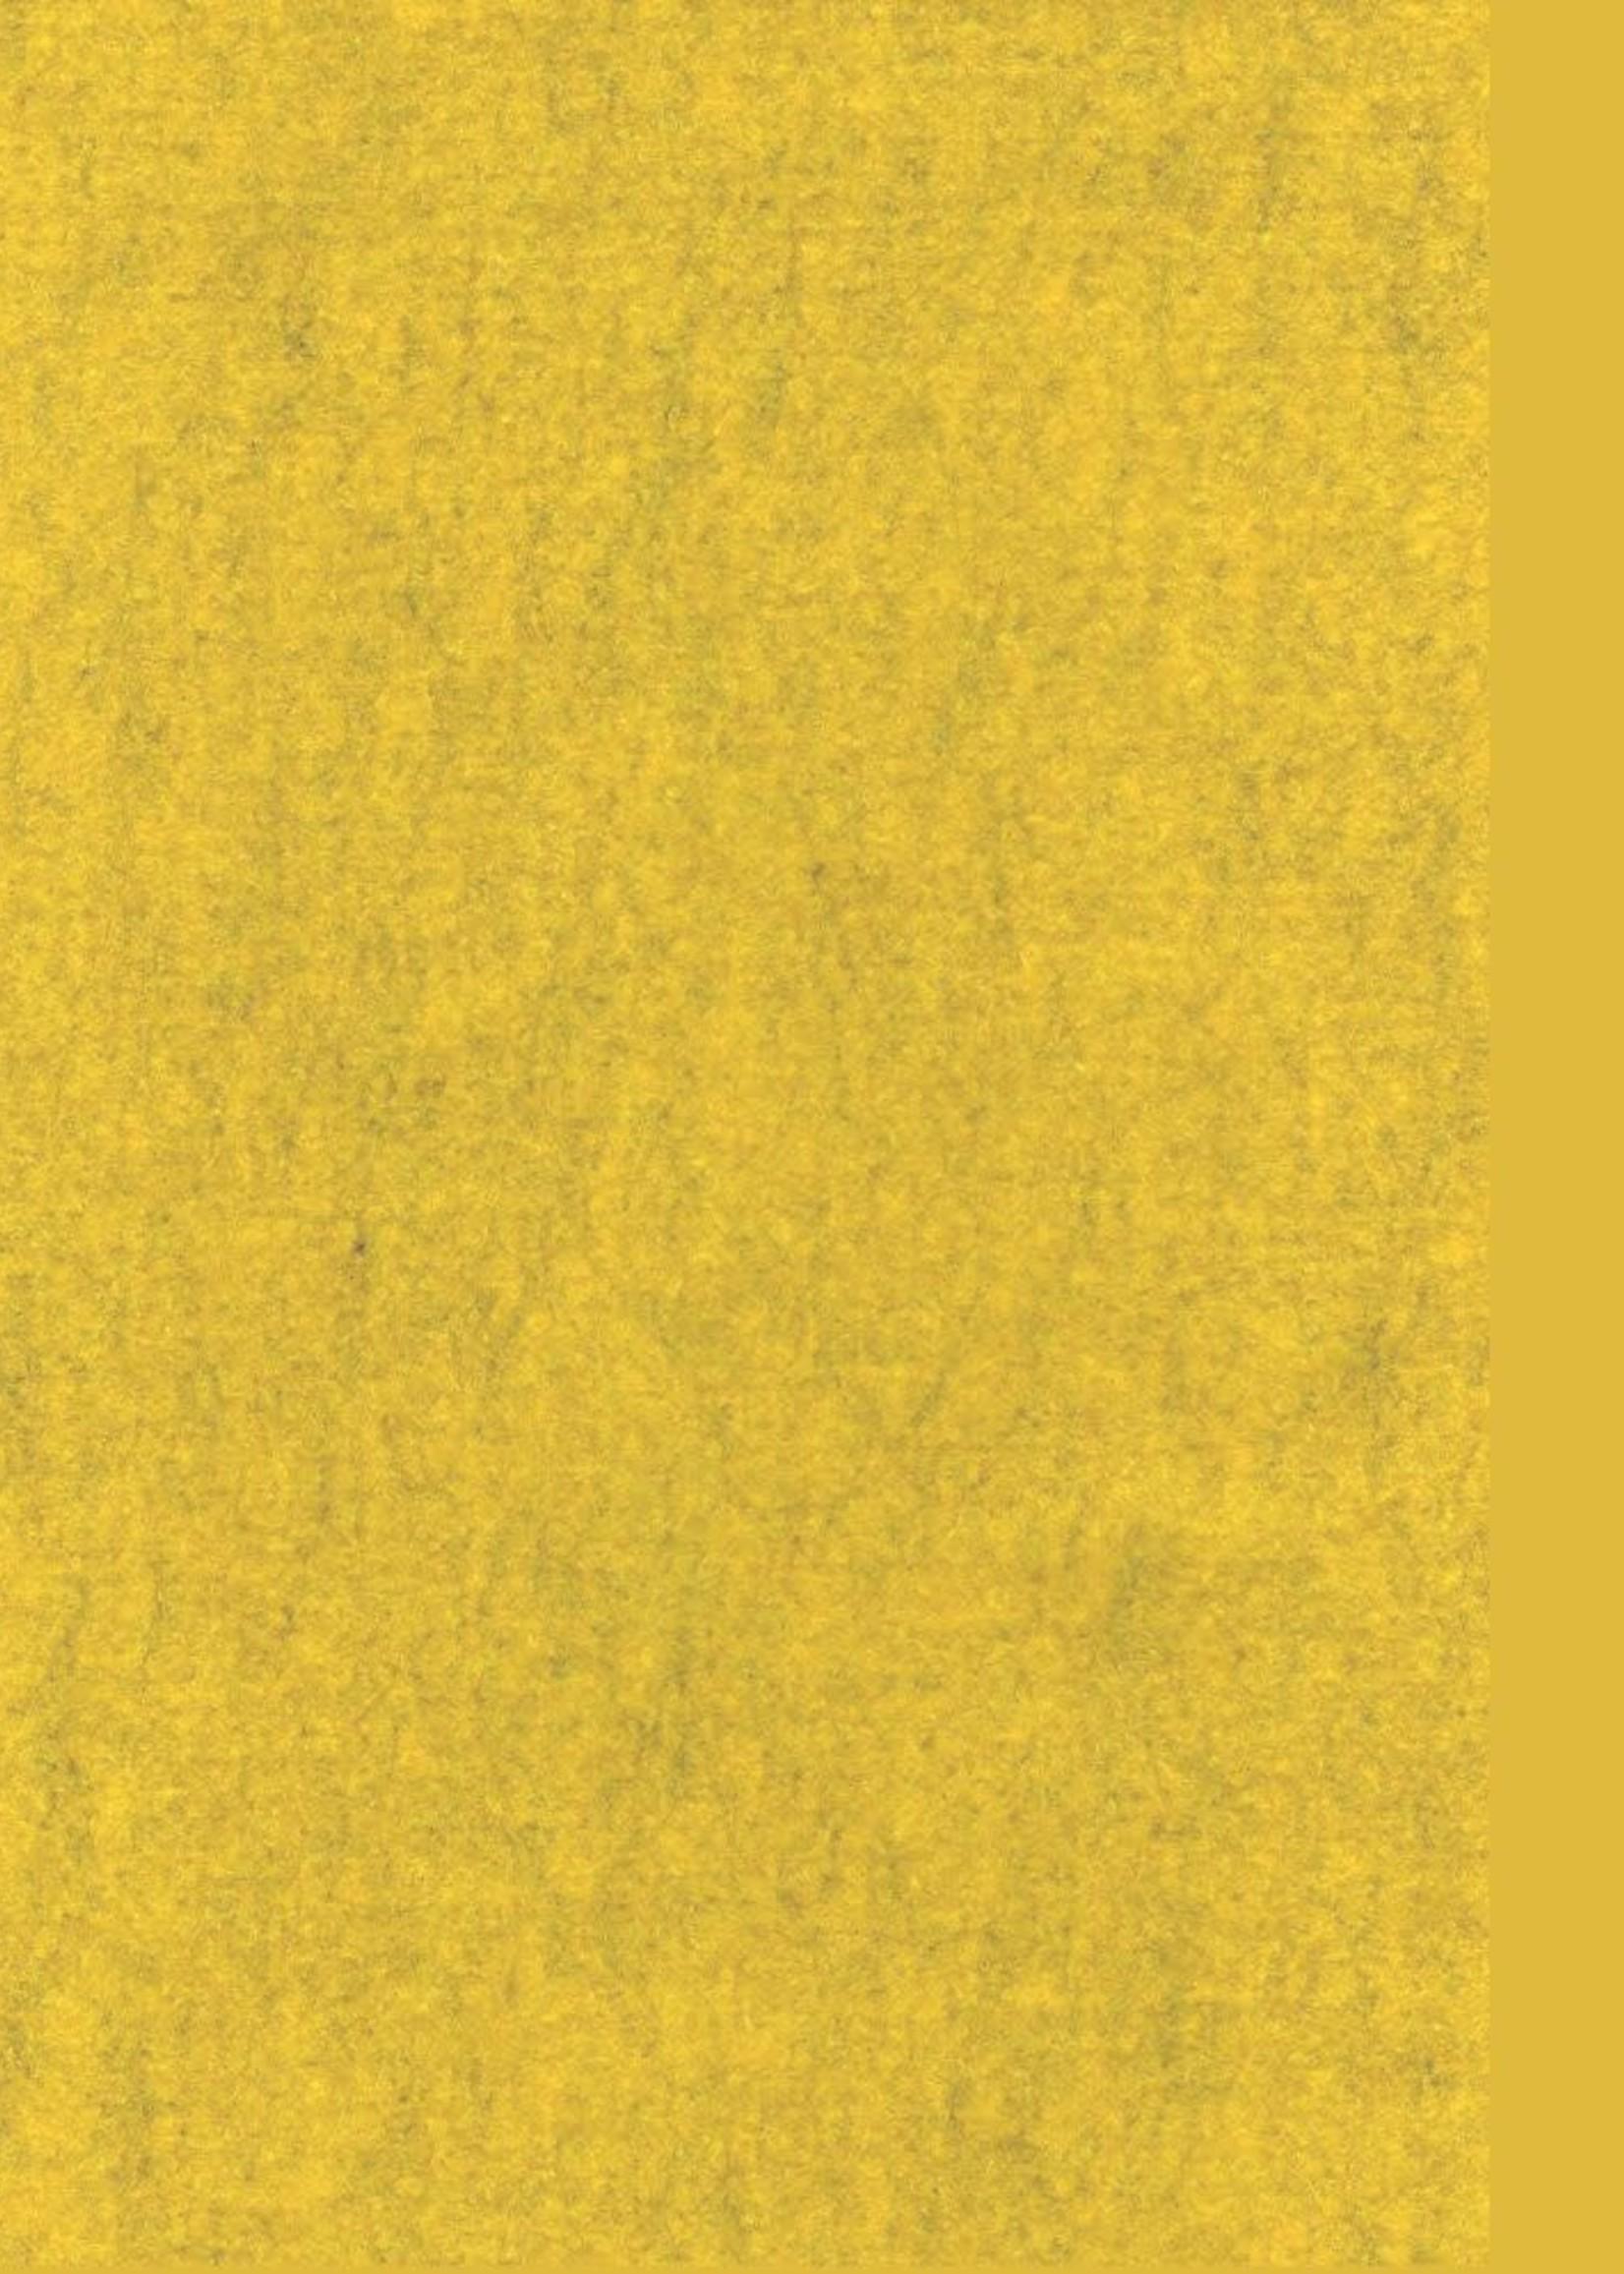 Bhedawool Bhedawool #0015 Yellow Sun